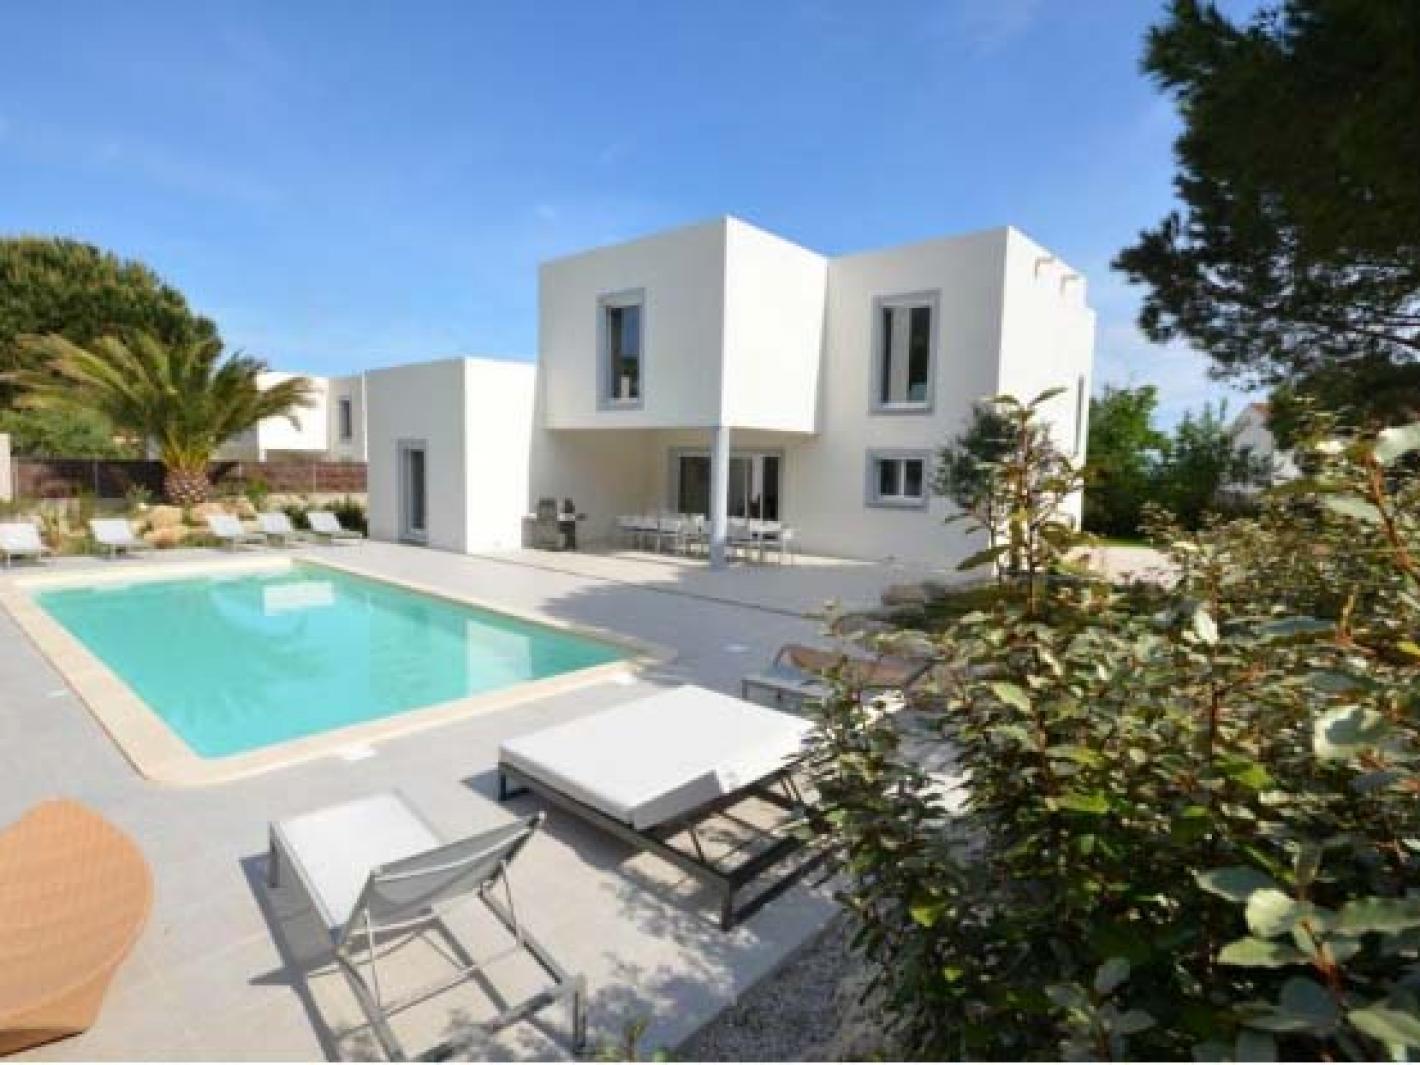 Location calvi villa anghjulella proche plage calvi - Location villa calvi avec piscine ...